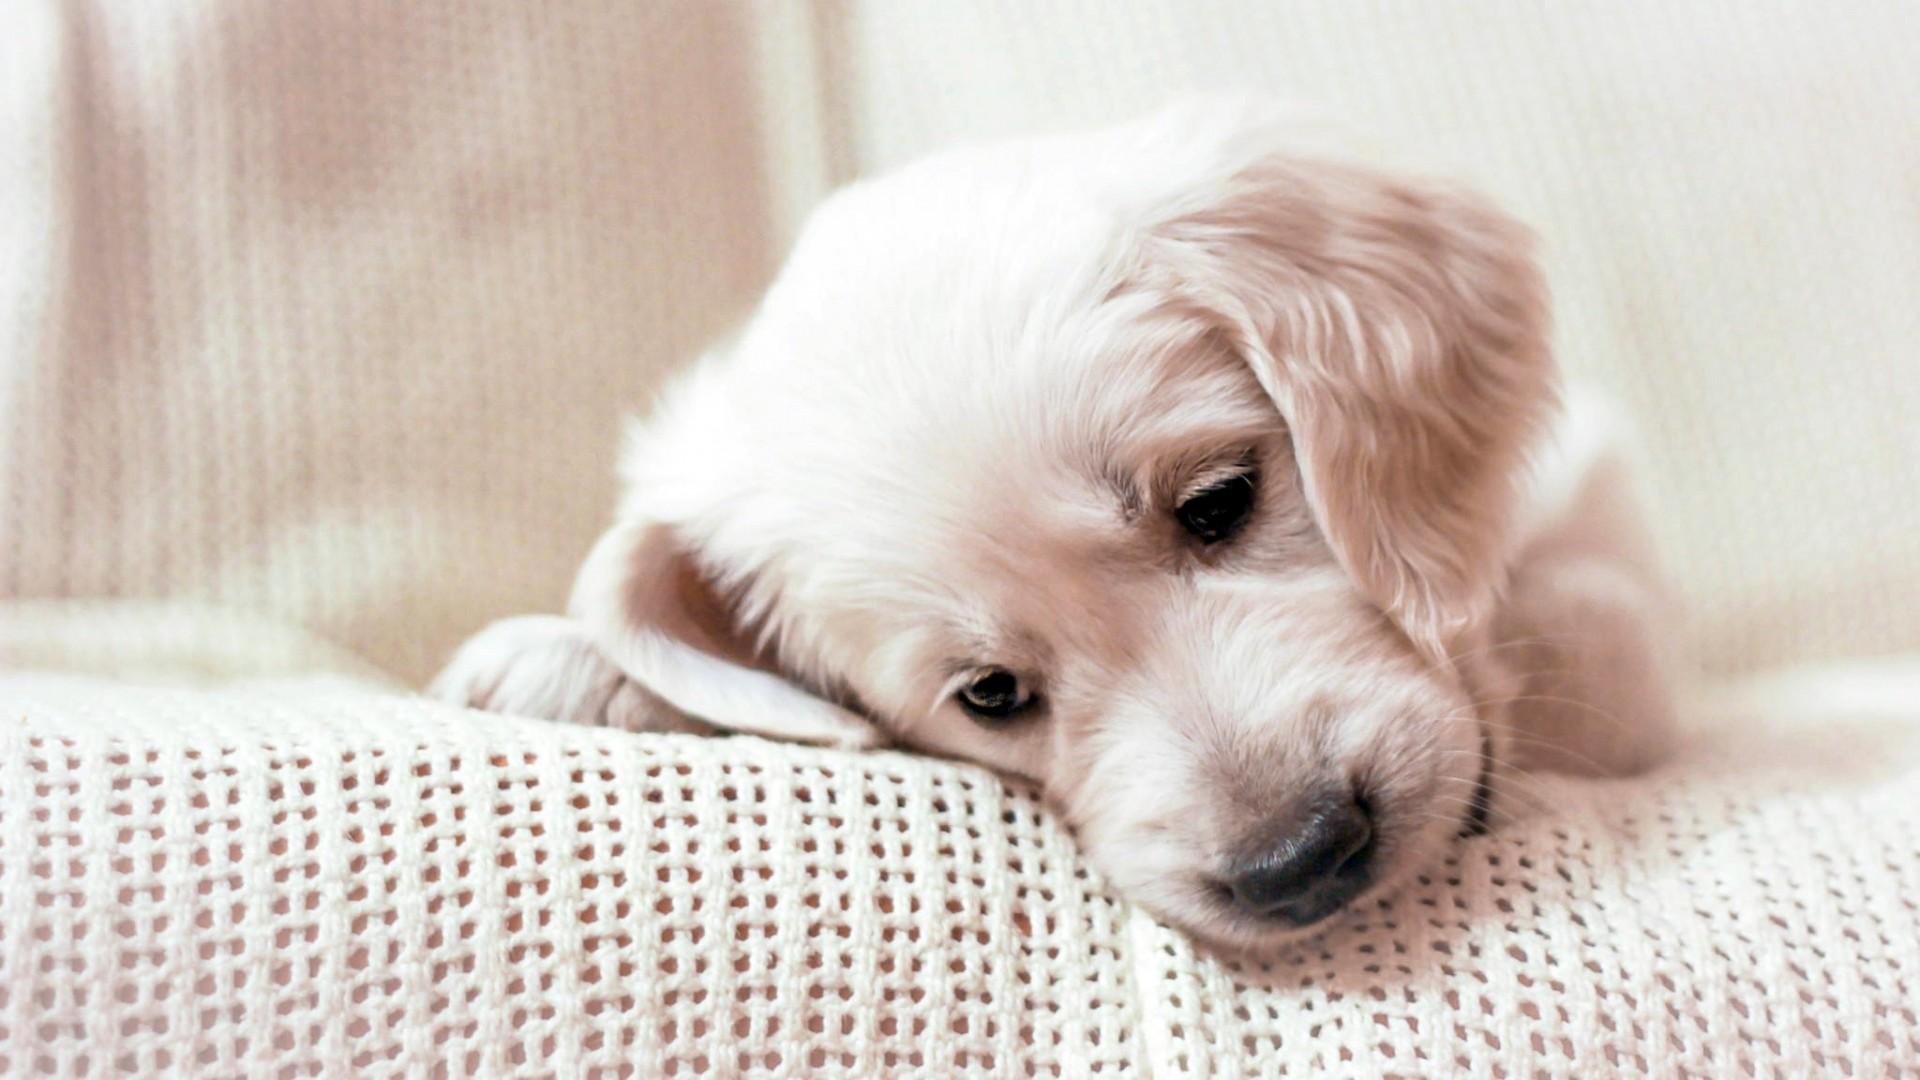 Golden Retriever Puppy Desktop Wallpaper 61656